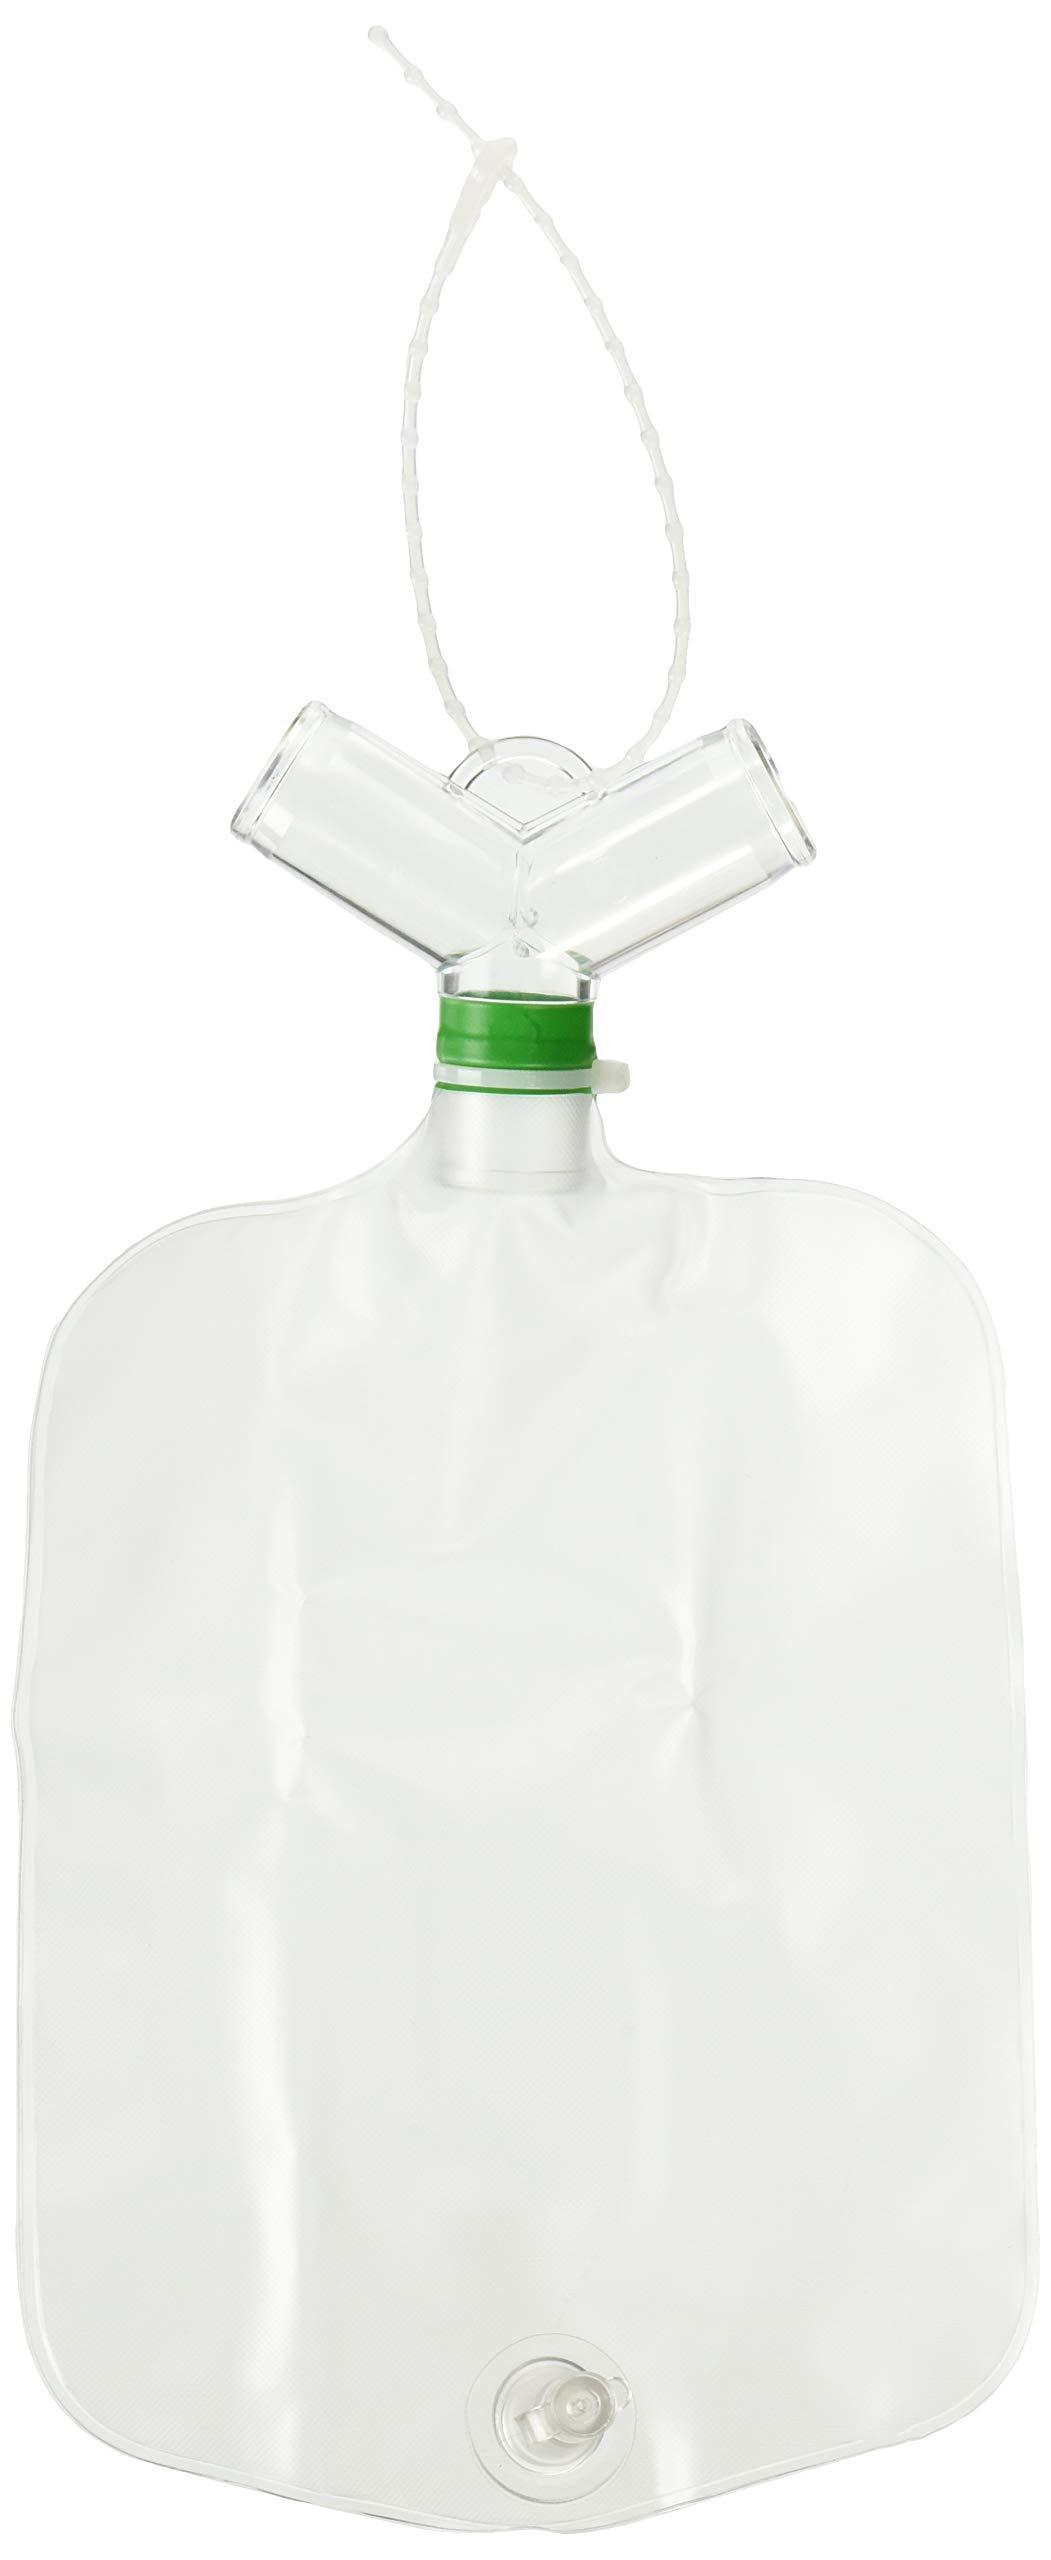 Teleflex Medical Y Connector Aerosol Drainage Bags, Hud1742, 1 Pound